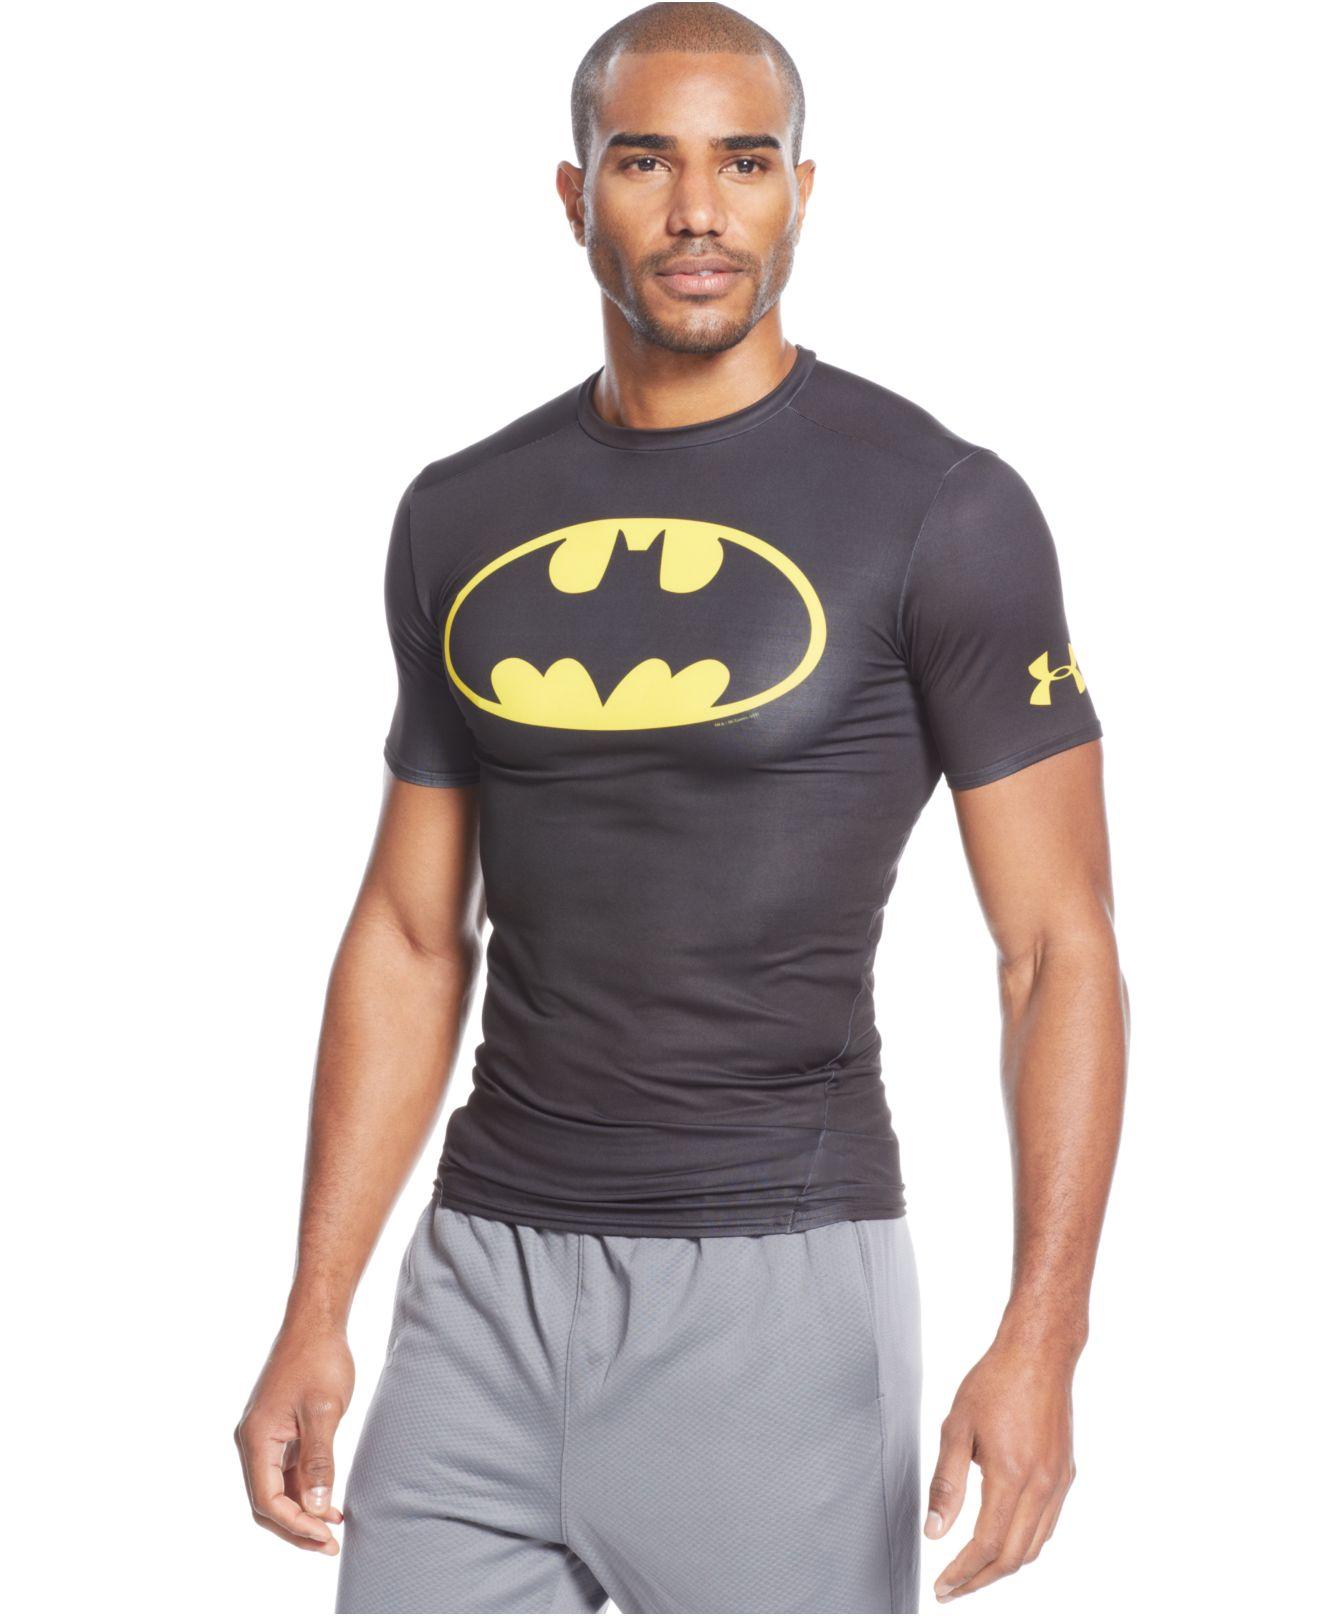 wyprzedaż w sprzedaży sprzedaż online najlepsza obsługa Under Armour Gray Alter Ego Batman Compression T-Shirt for men